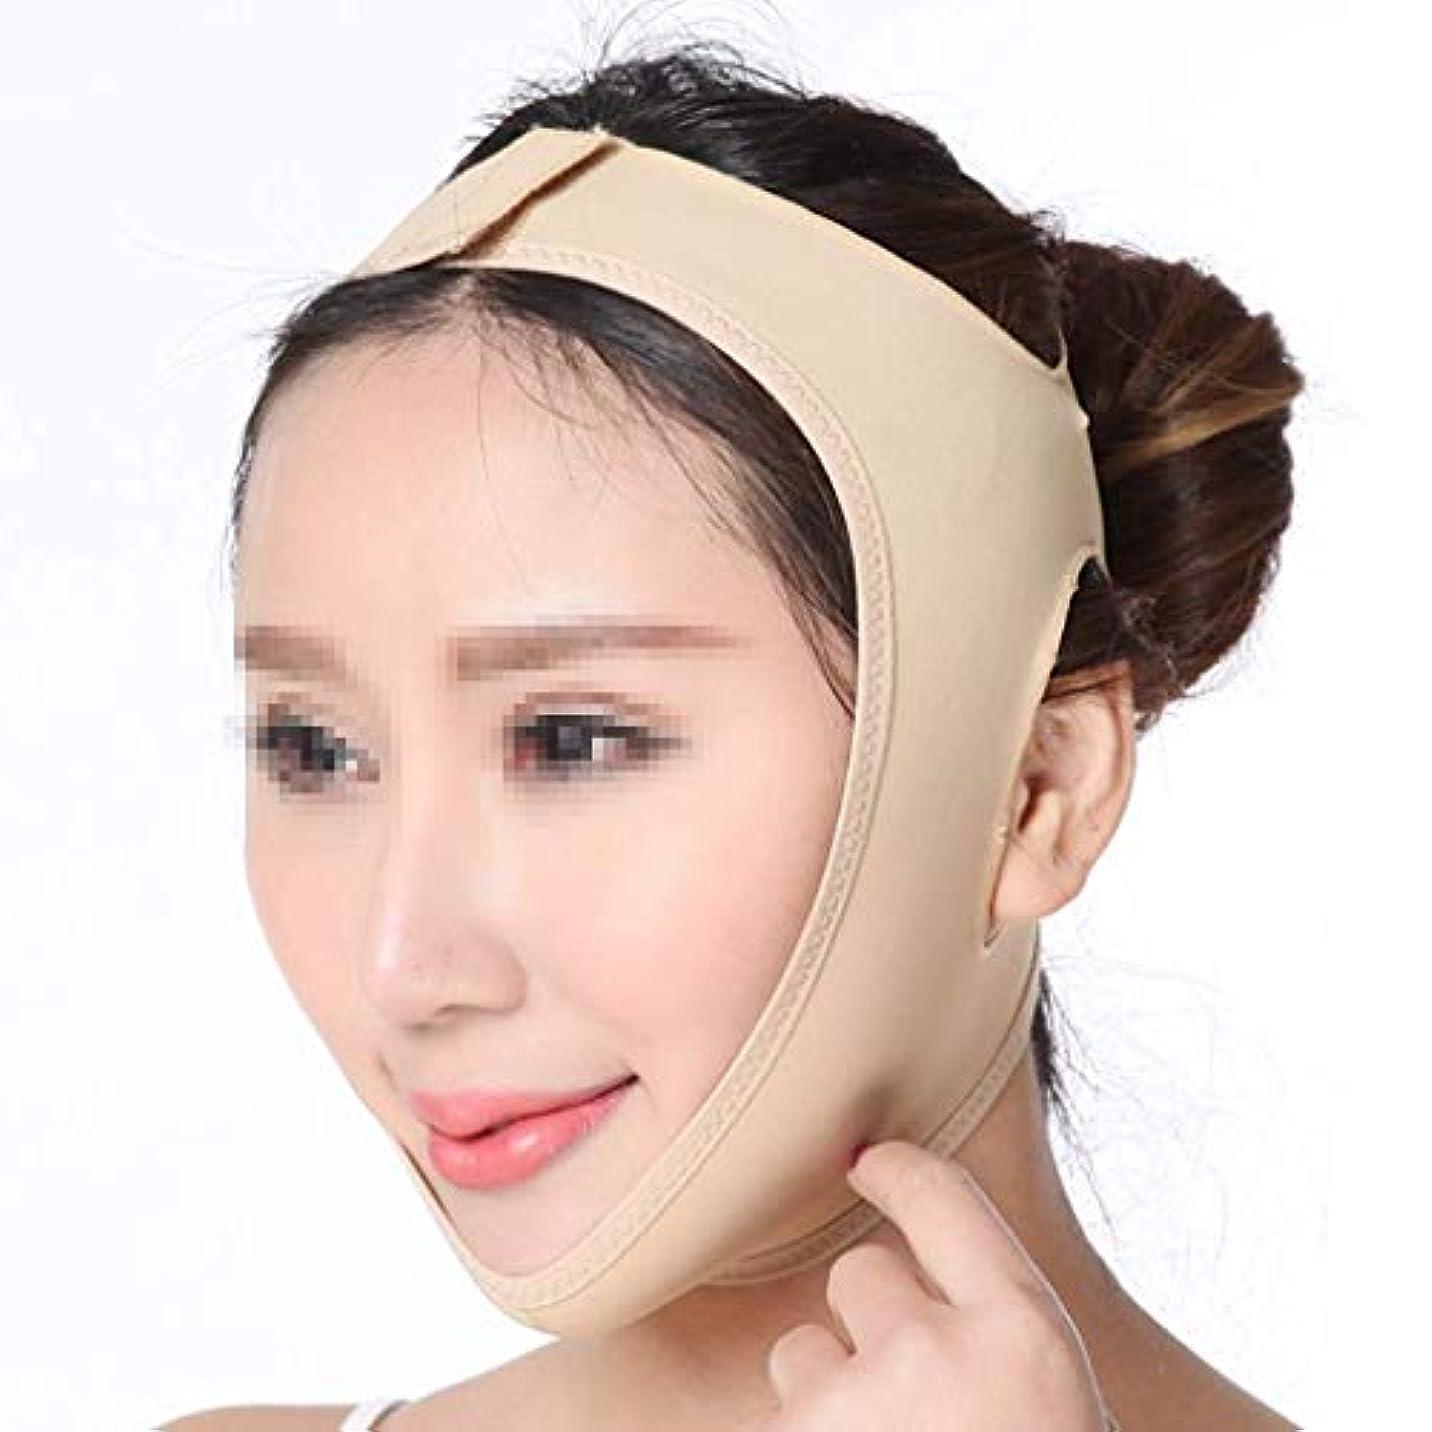 許容できる海外ブランドビューティーマスク、回復後のラインカービングダブルチンフェイスリフトアーティファクトフェイススモールVフェイスインストゥルメントバンデージリフティングケアヘッドギア(サイズ:L)